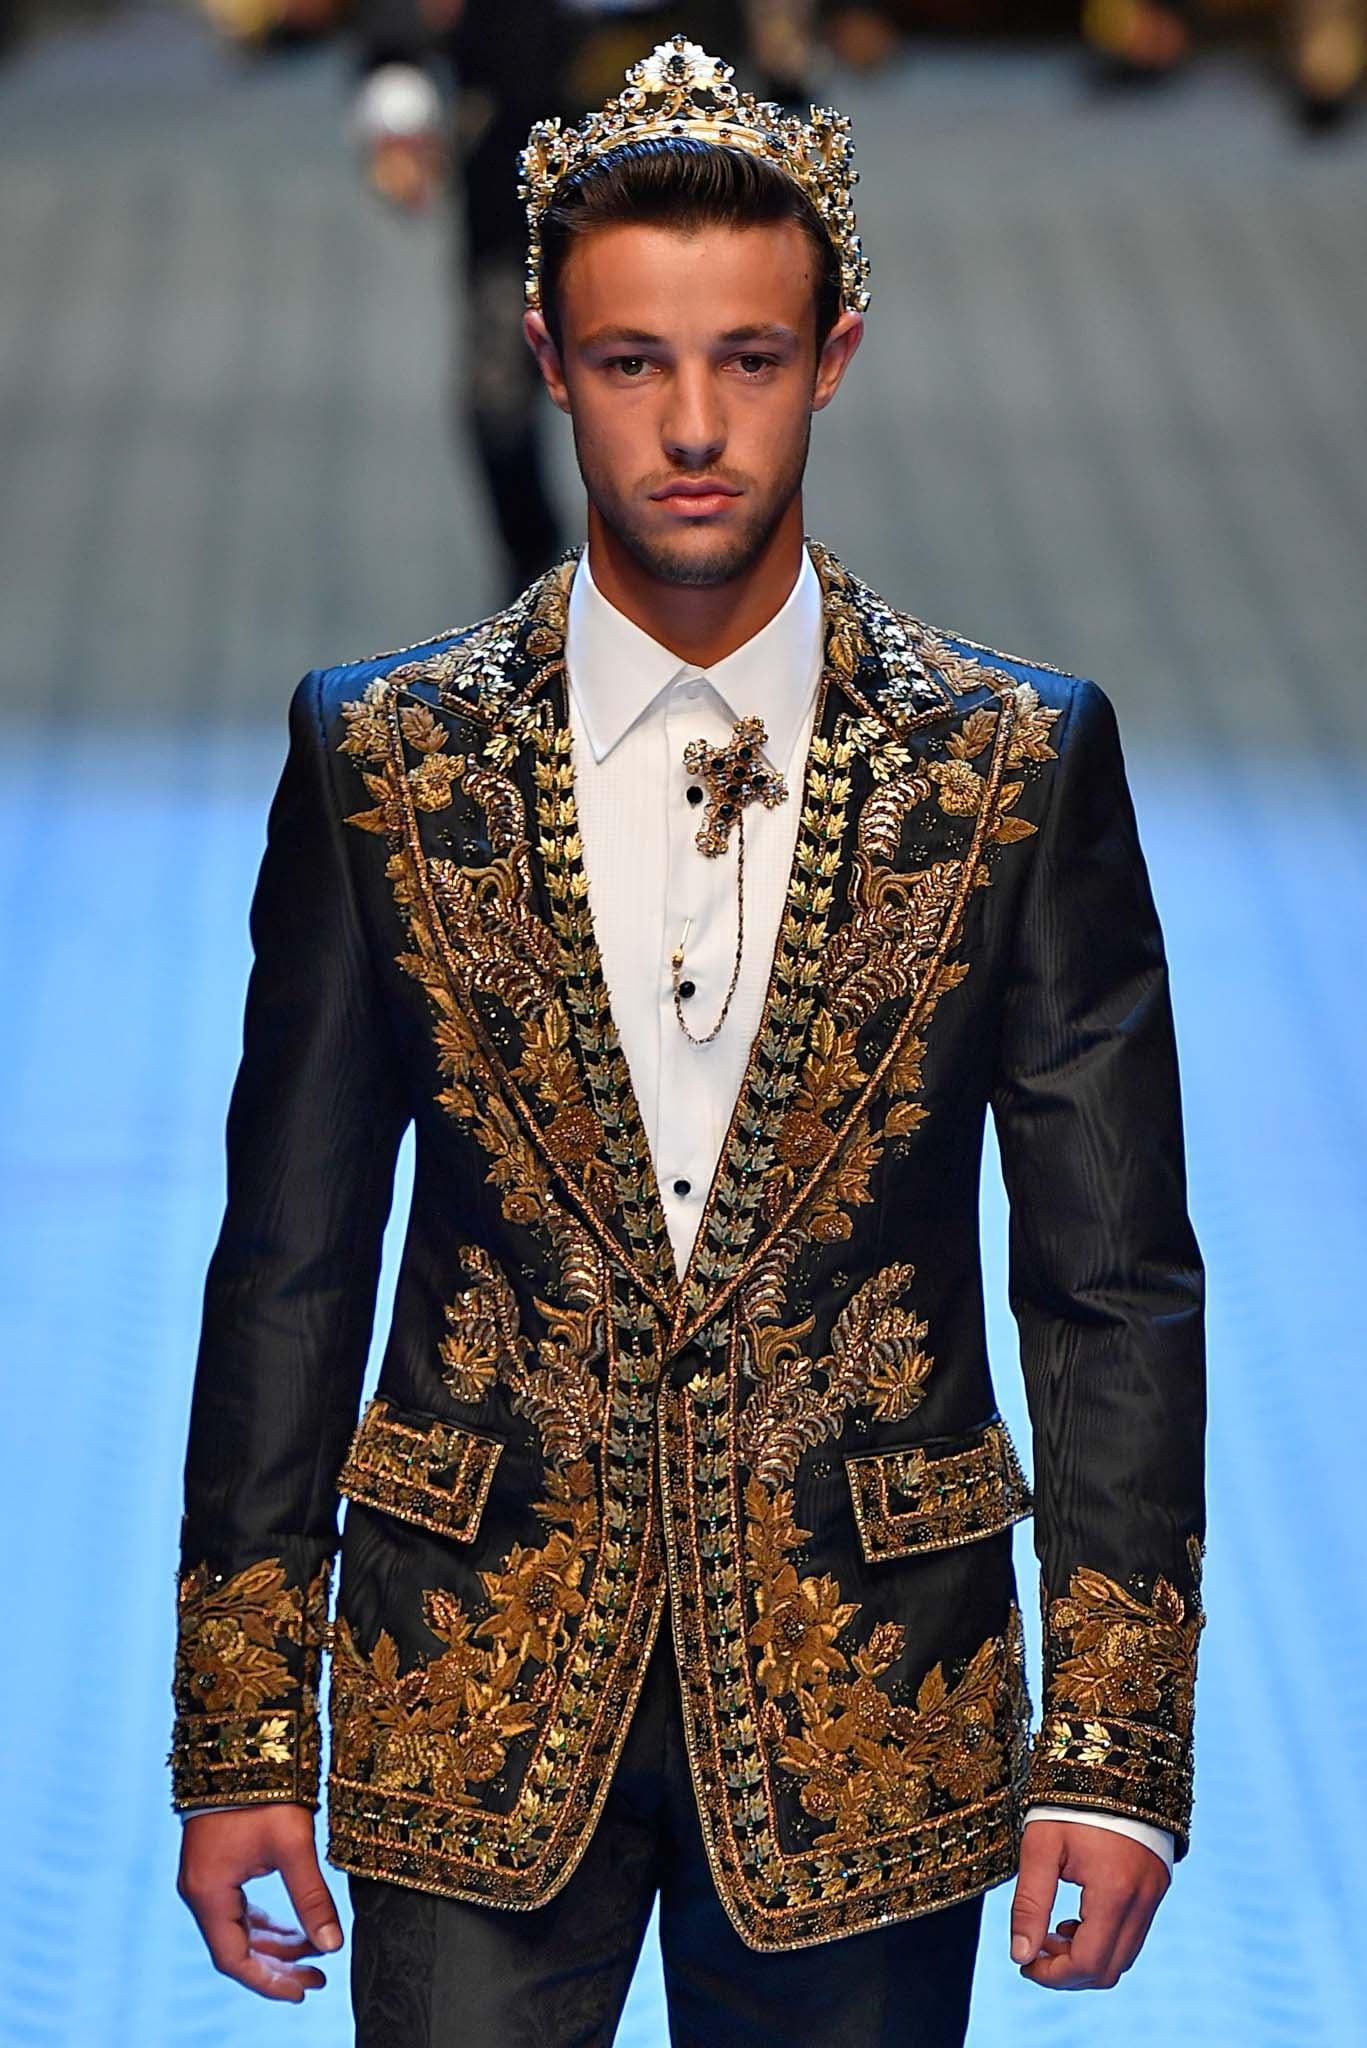 Hombre de cabello corto castaño peinado hacia atrás con corona